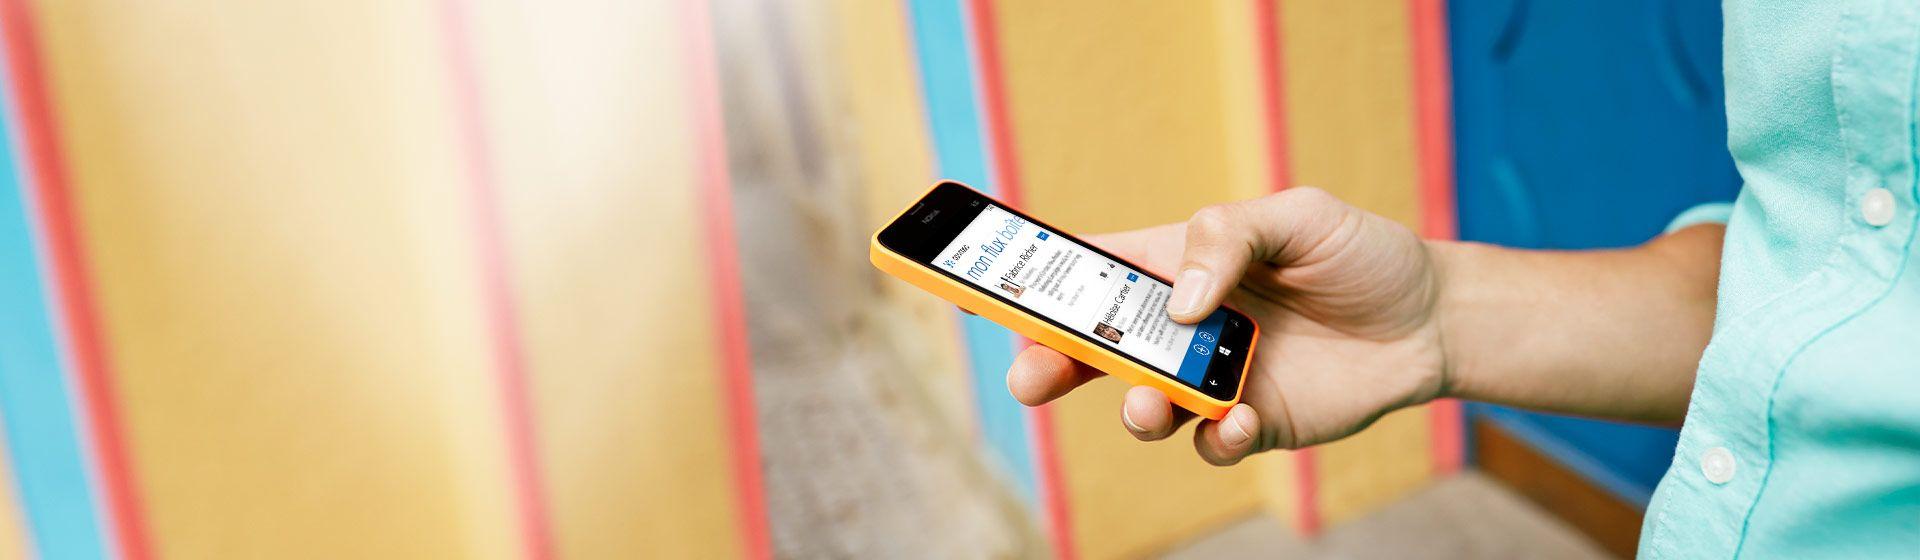 Main tenant un Windows Phone sur lequel apparaît le flux de l'application mobile Yammer